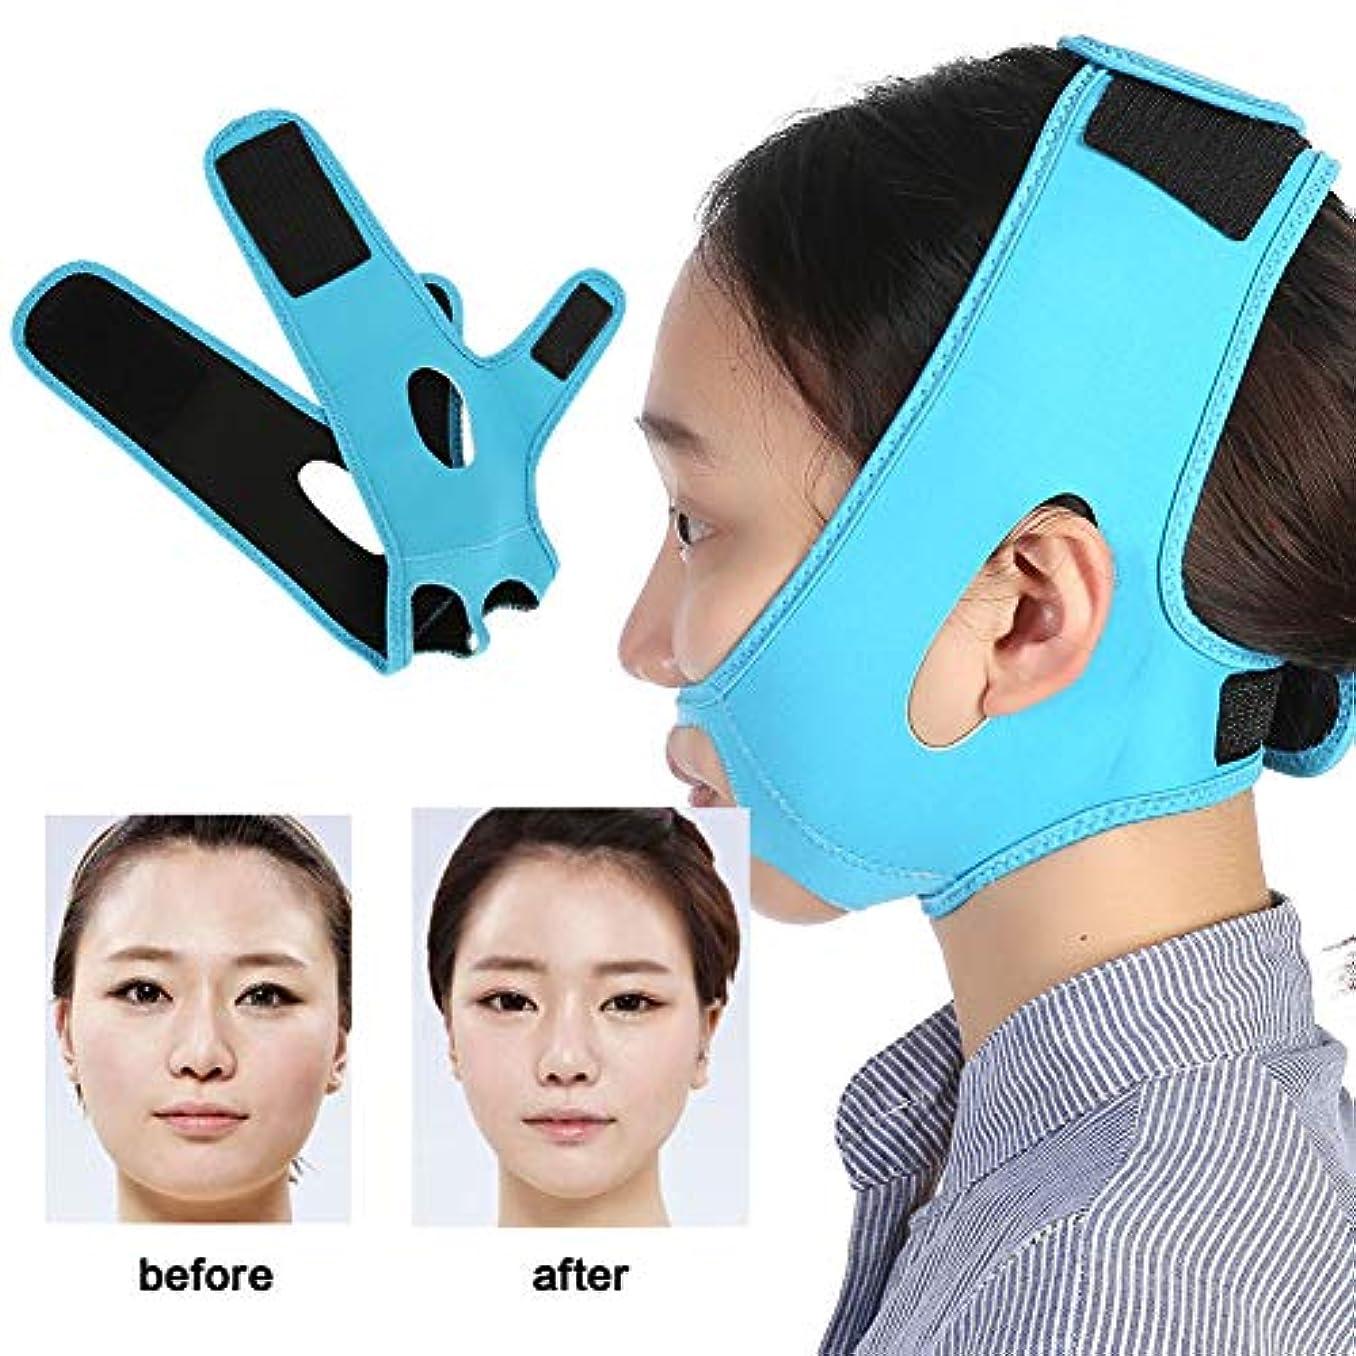 威信せがむさわやか顔の輪郭を改善するためのフェイスマスクのスリム化 Vフェイス美容包帯 通気性/伸縮性/非変形性